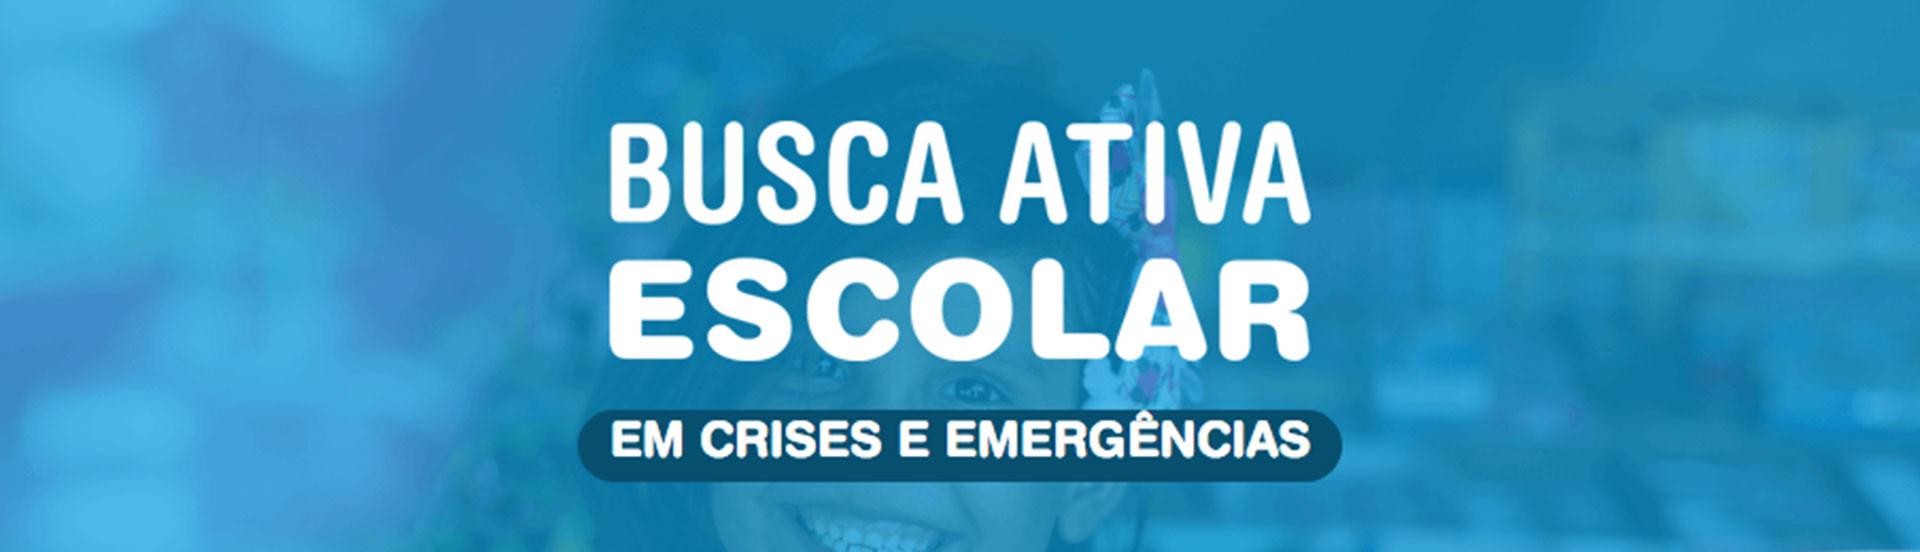 banner especial crises 1920x552